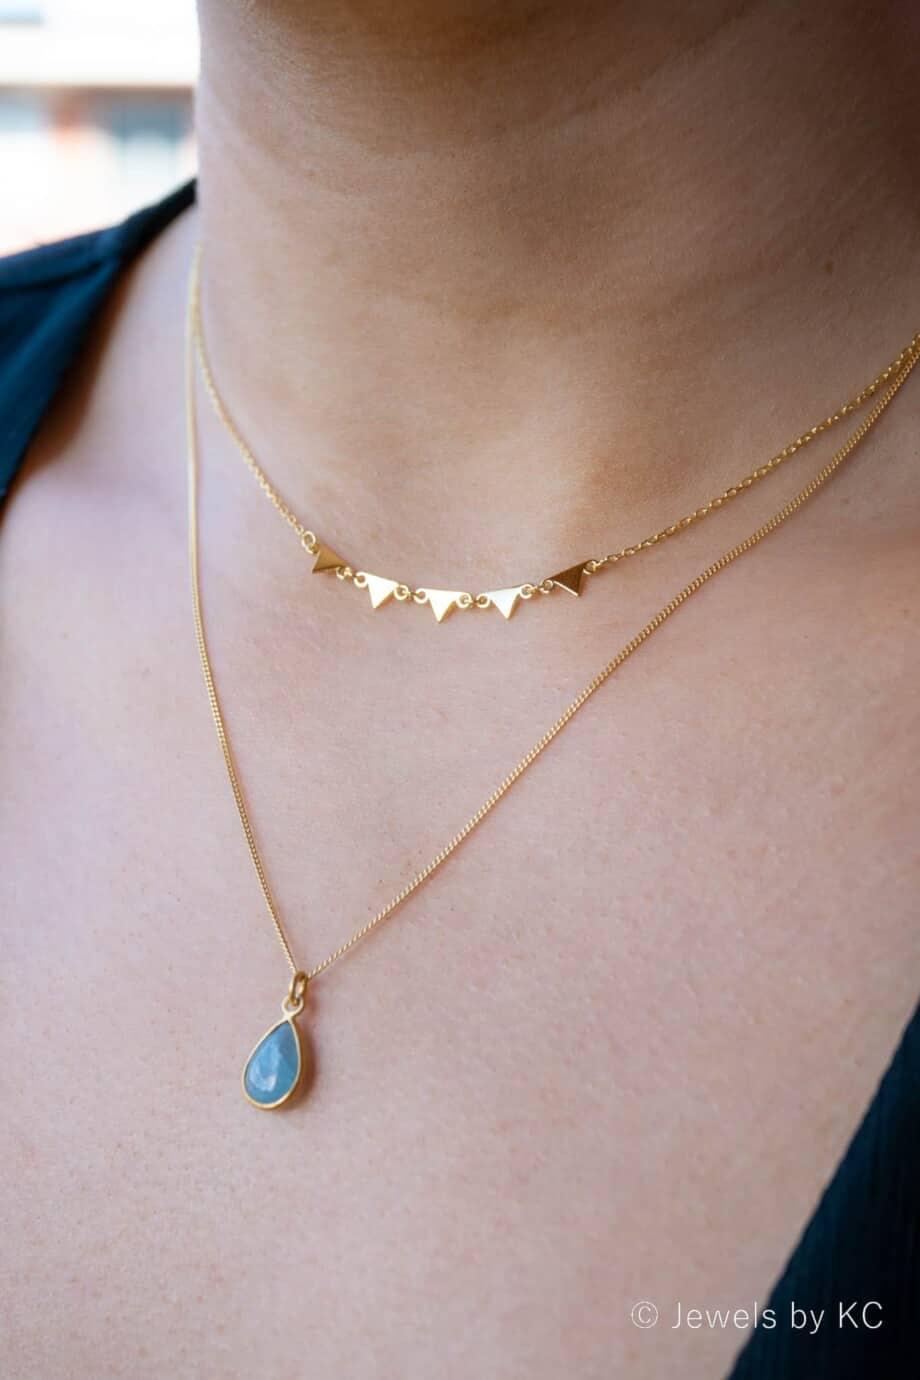 Gouden ketting met edelsteen hanger blauwe 'Aquamarijn' van Goud op Zilver